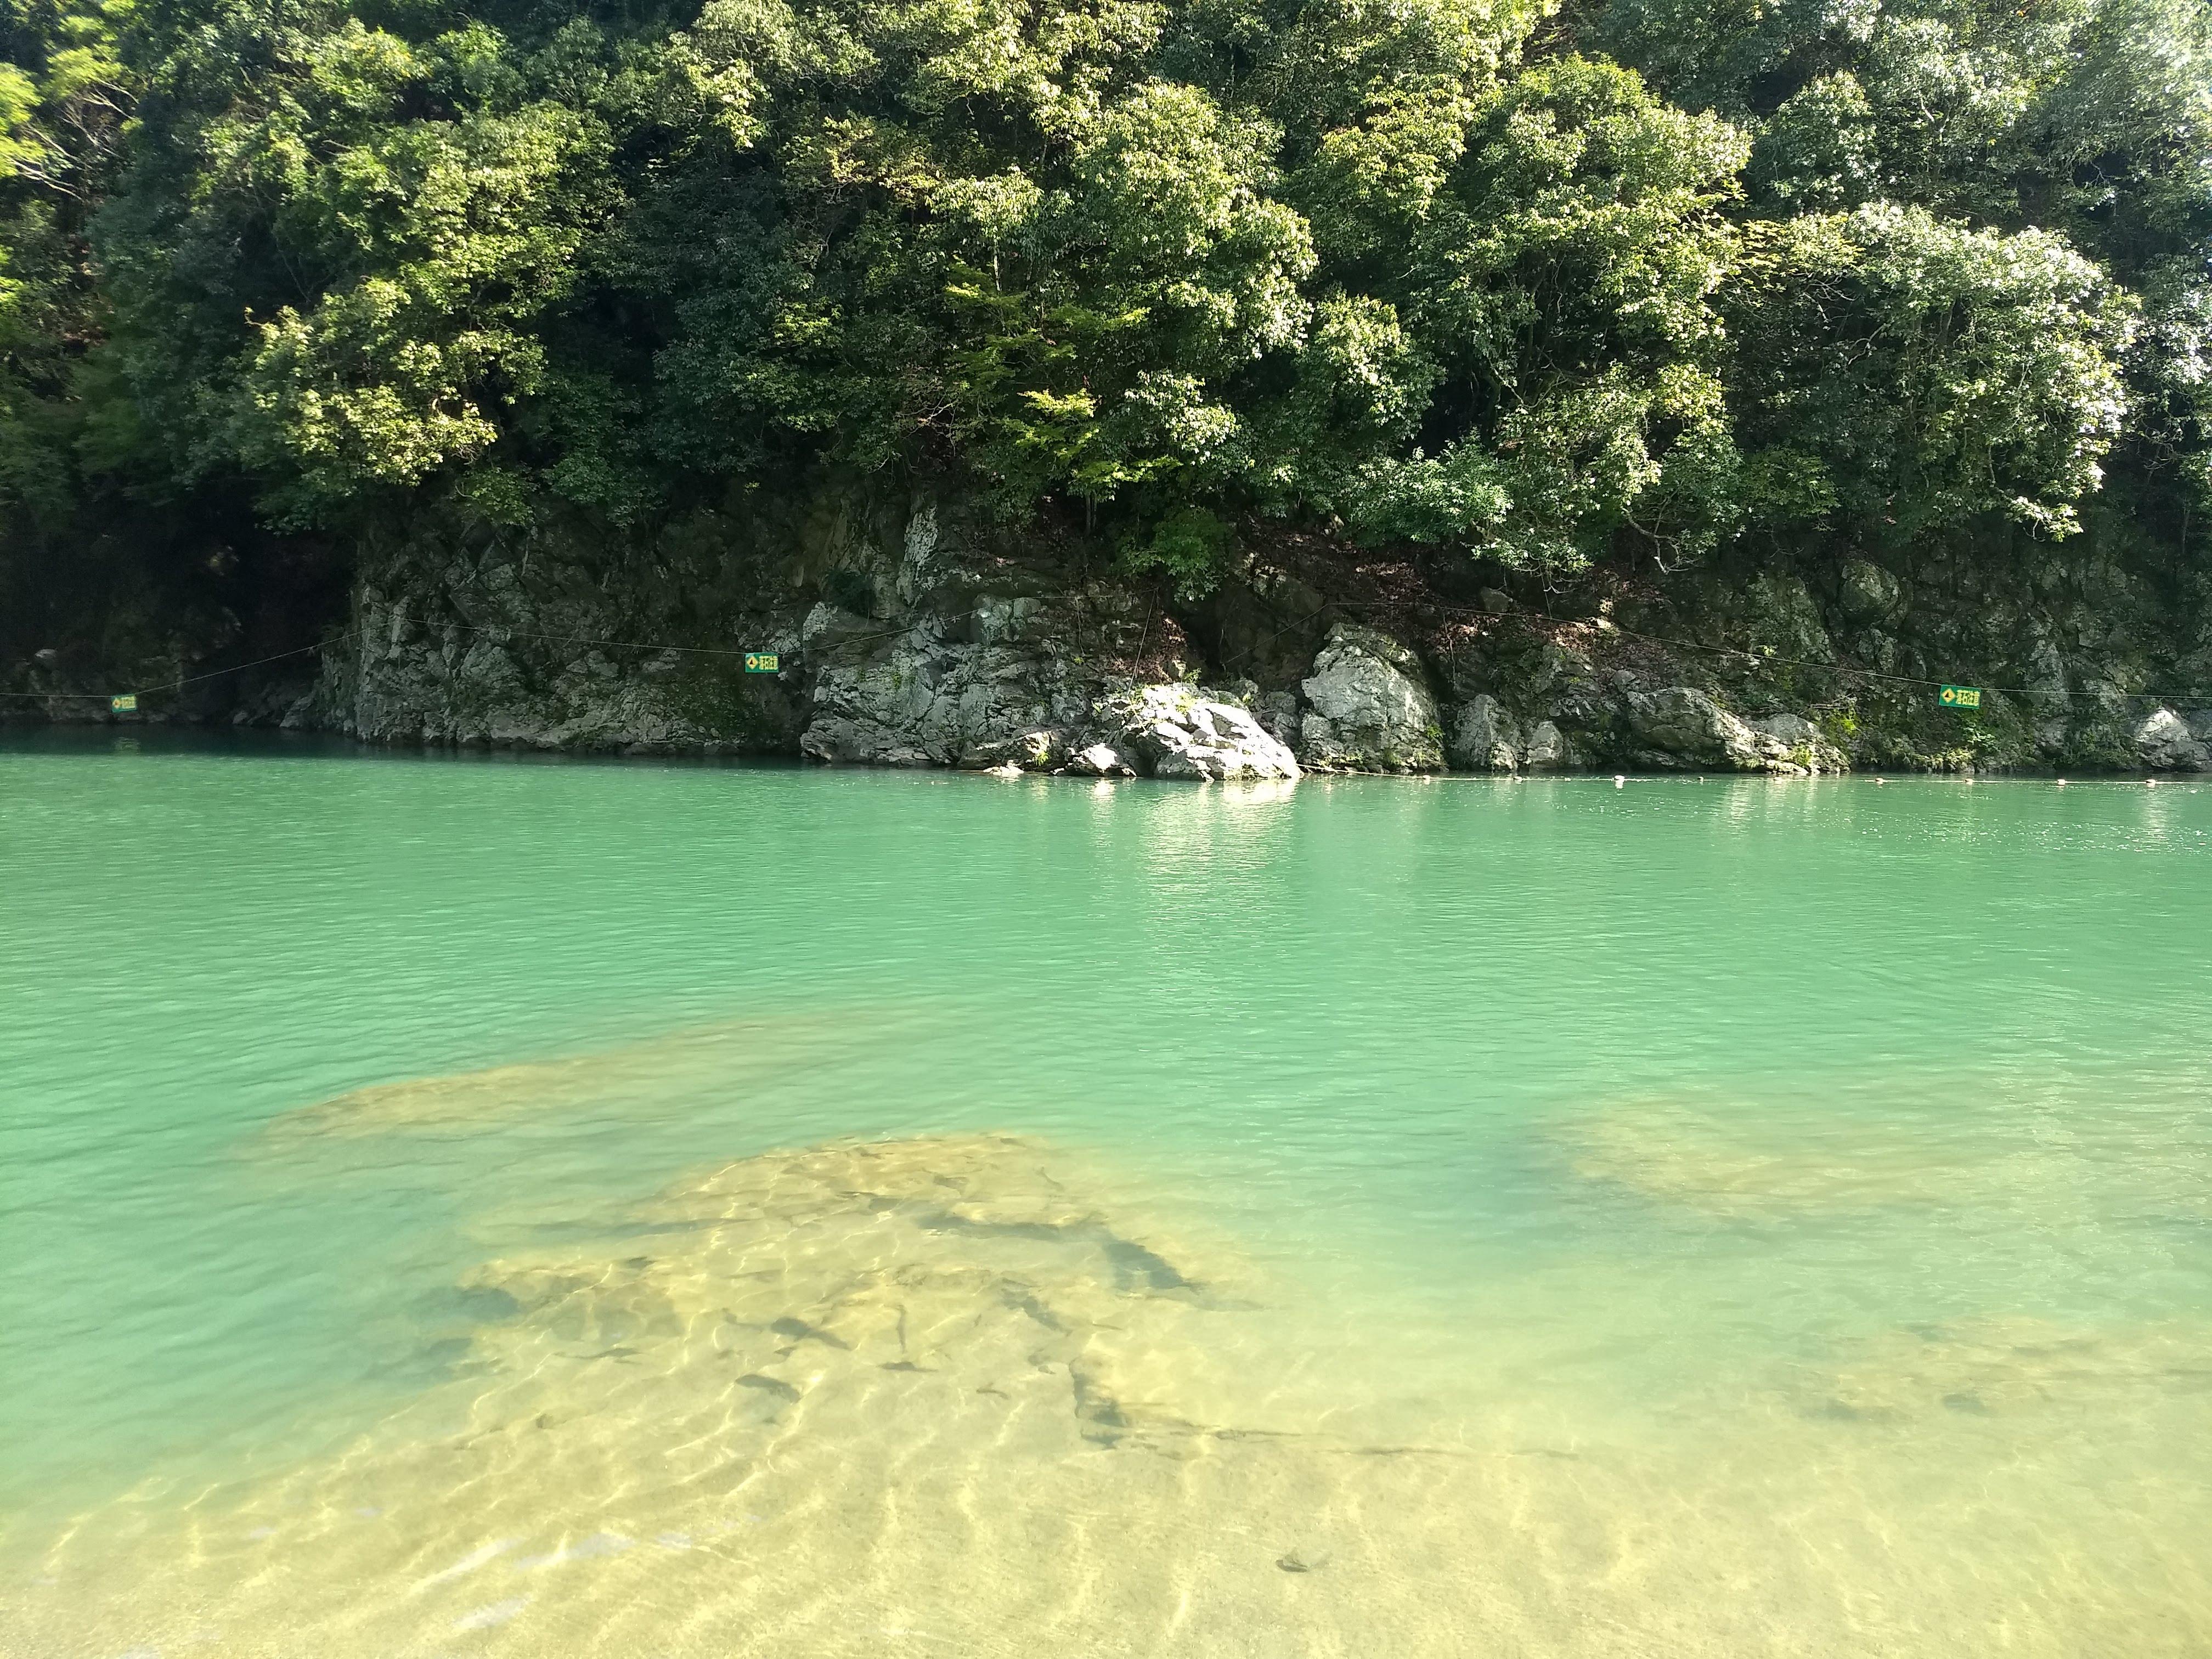 Katsura River near Arashiyama - 10-23-2019